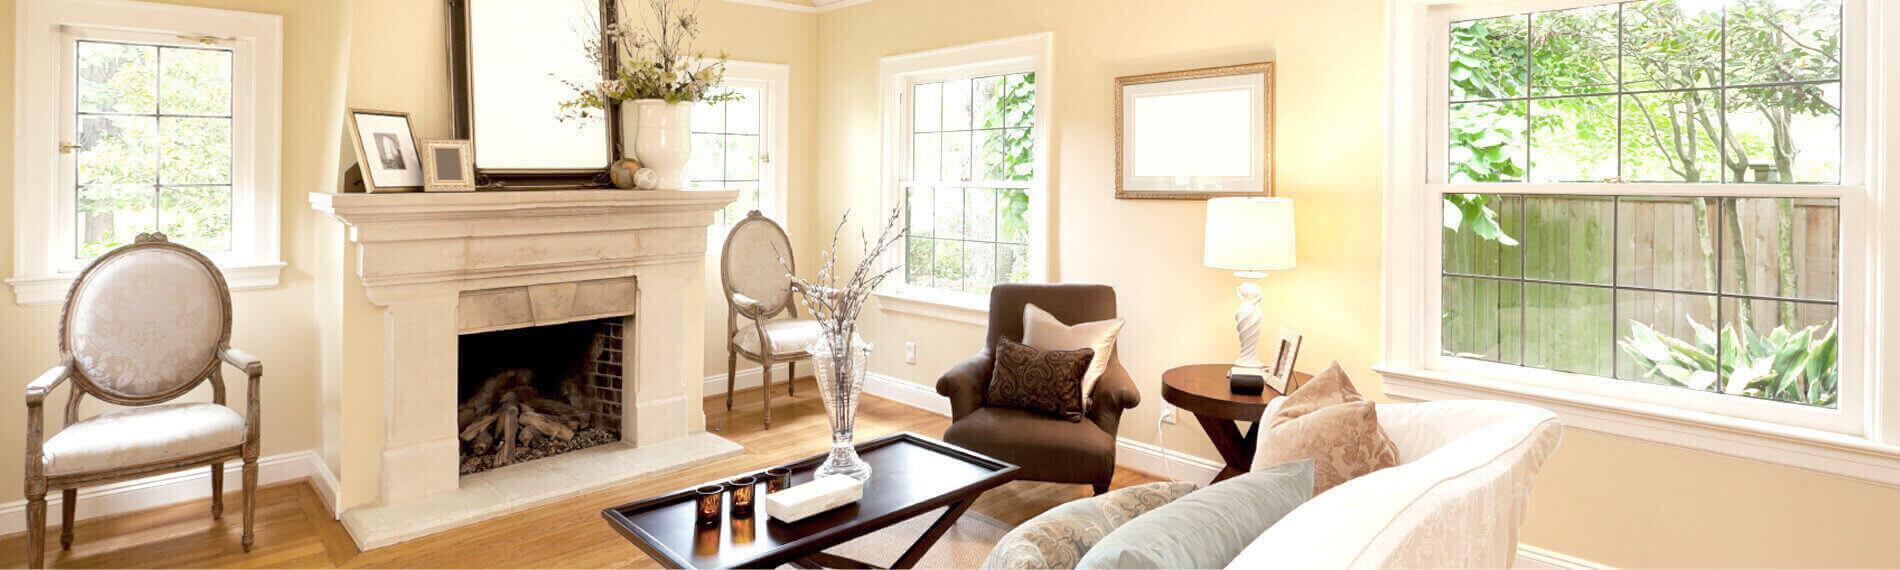 fensterdichtung t rdichtung kaufen online shop einfach. Black Bedroom Furniture Sets. Home Design Ideas